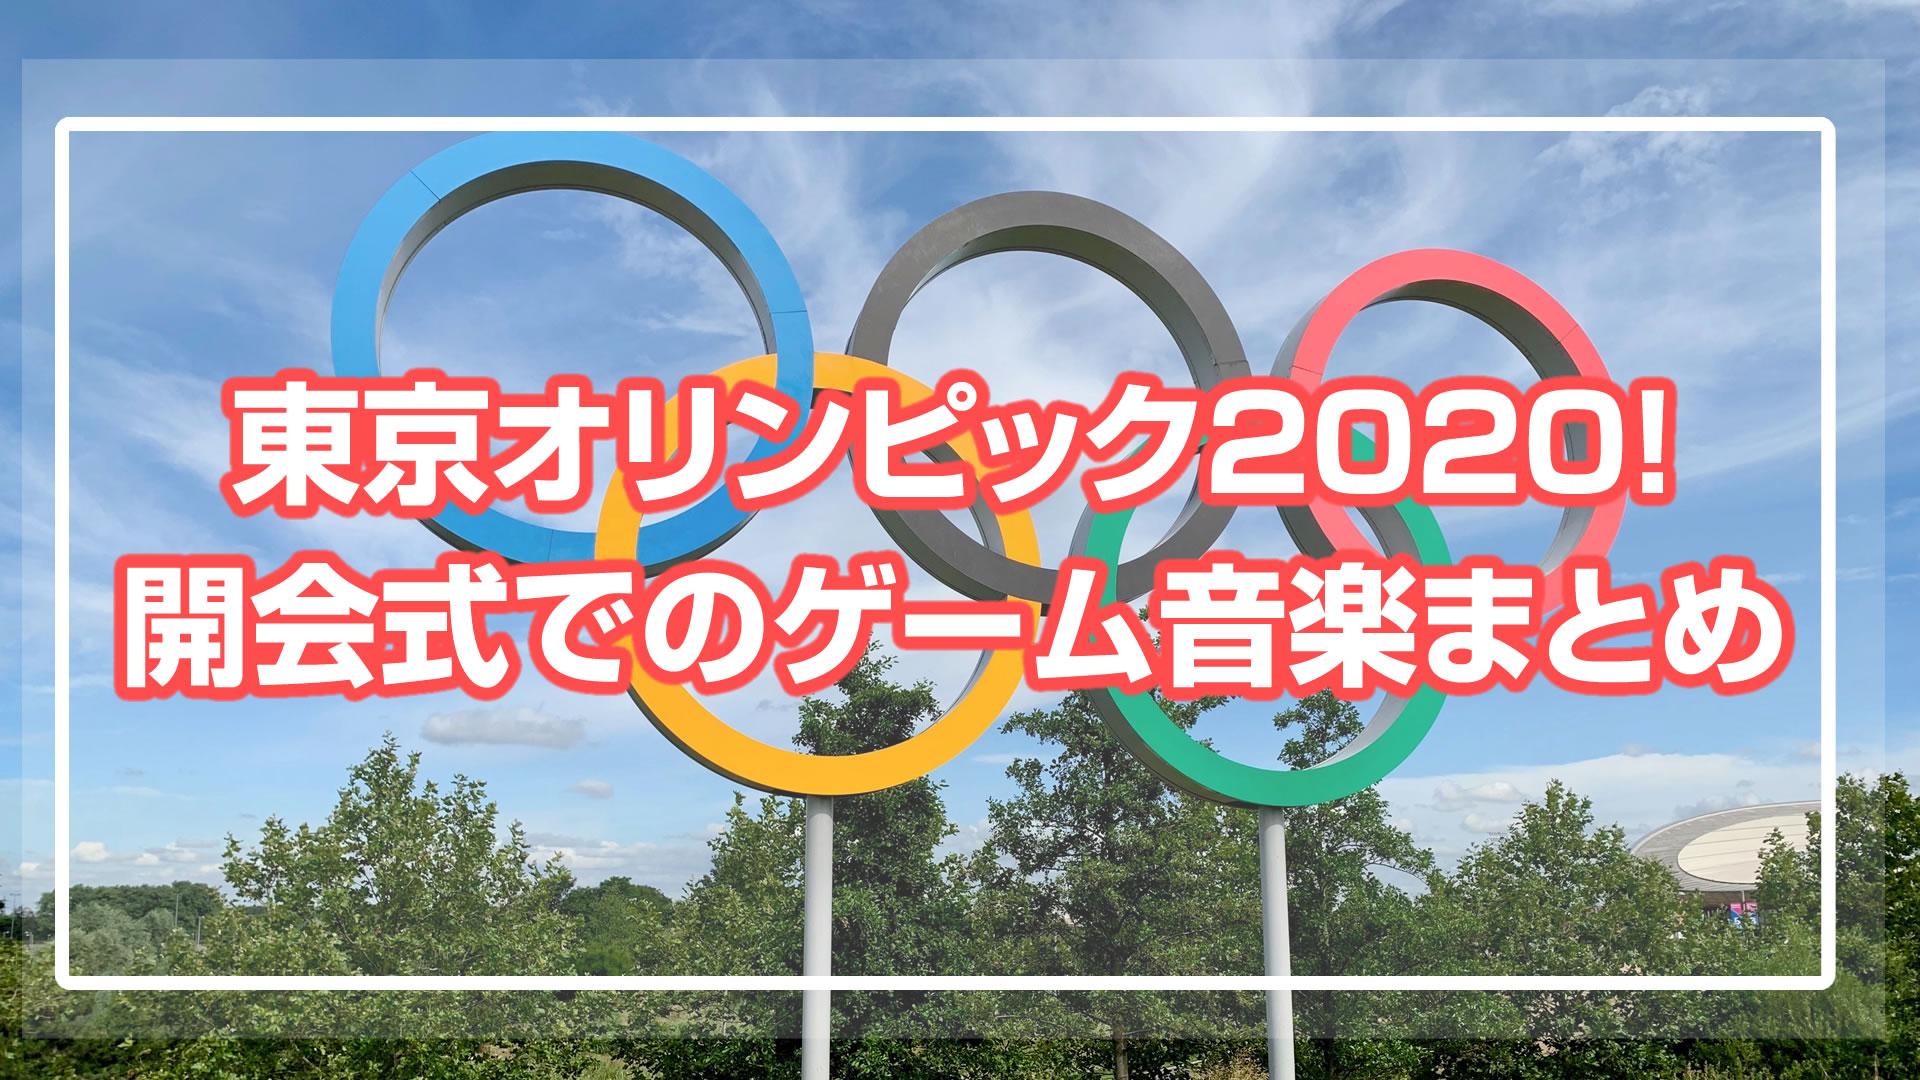 東京オリンピック2020ゲーム音楽まとめ!テンションが上がるBGM!